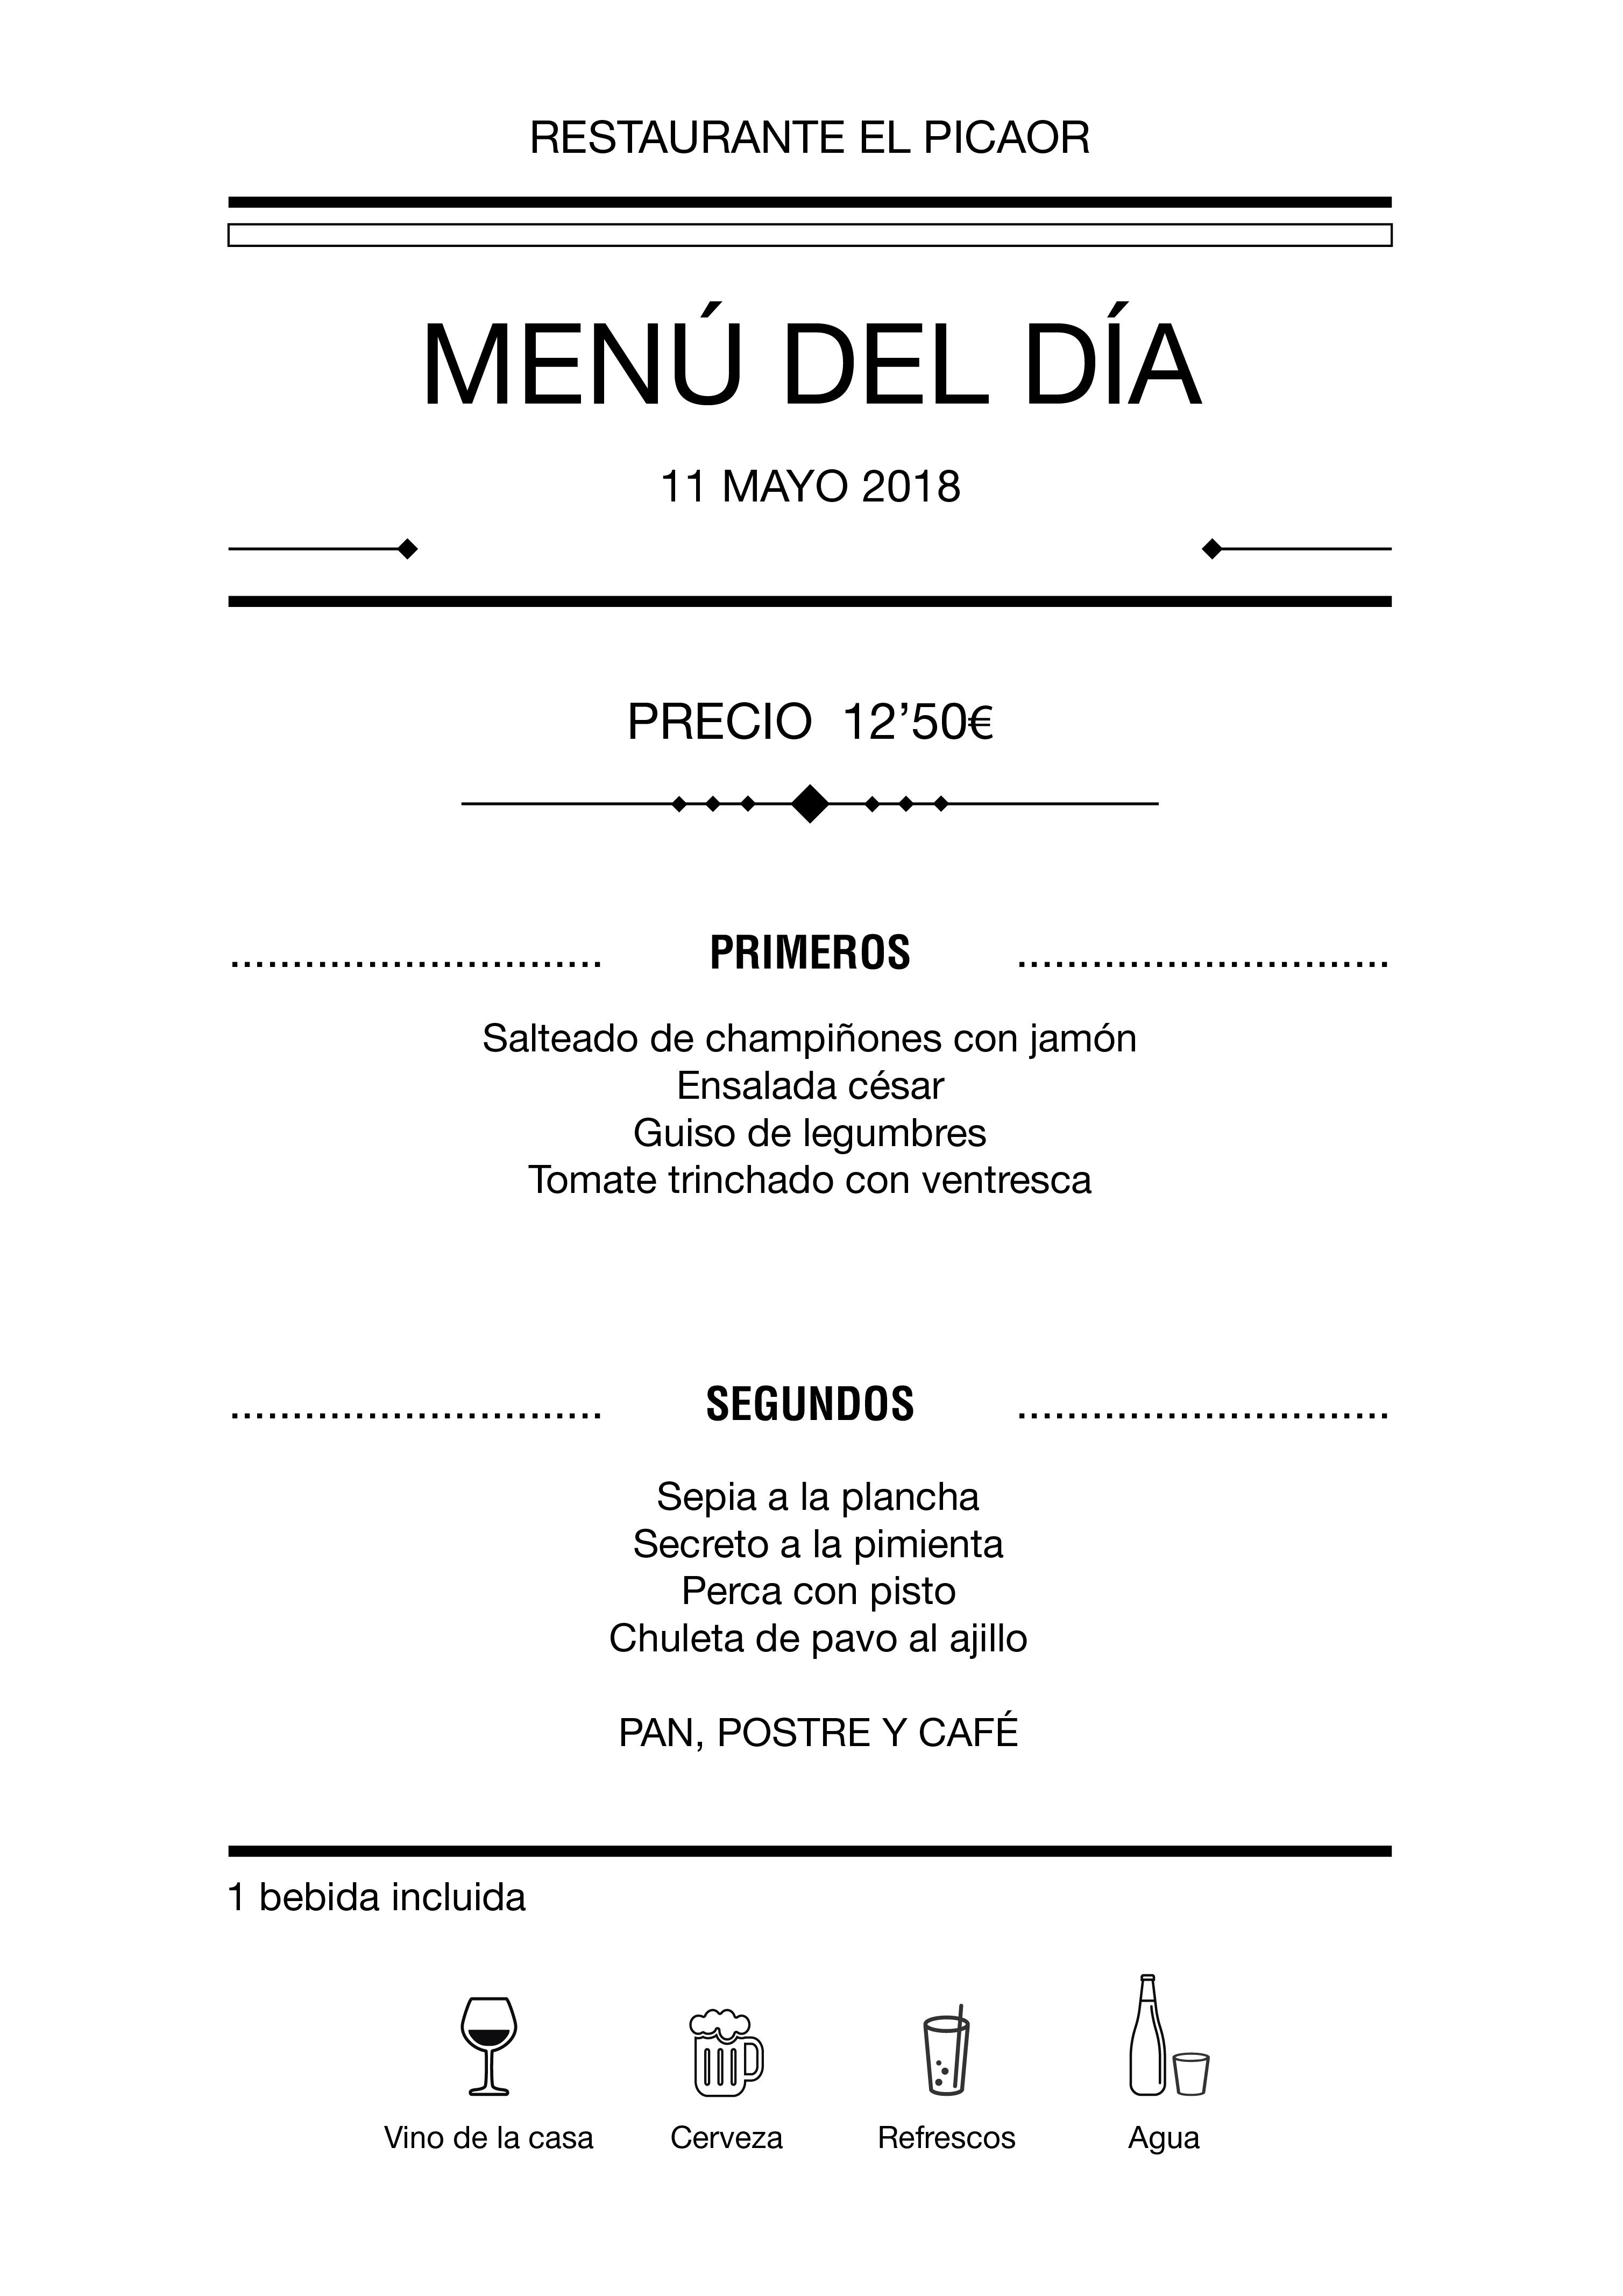 Menú diario El Picaor 11/05/18